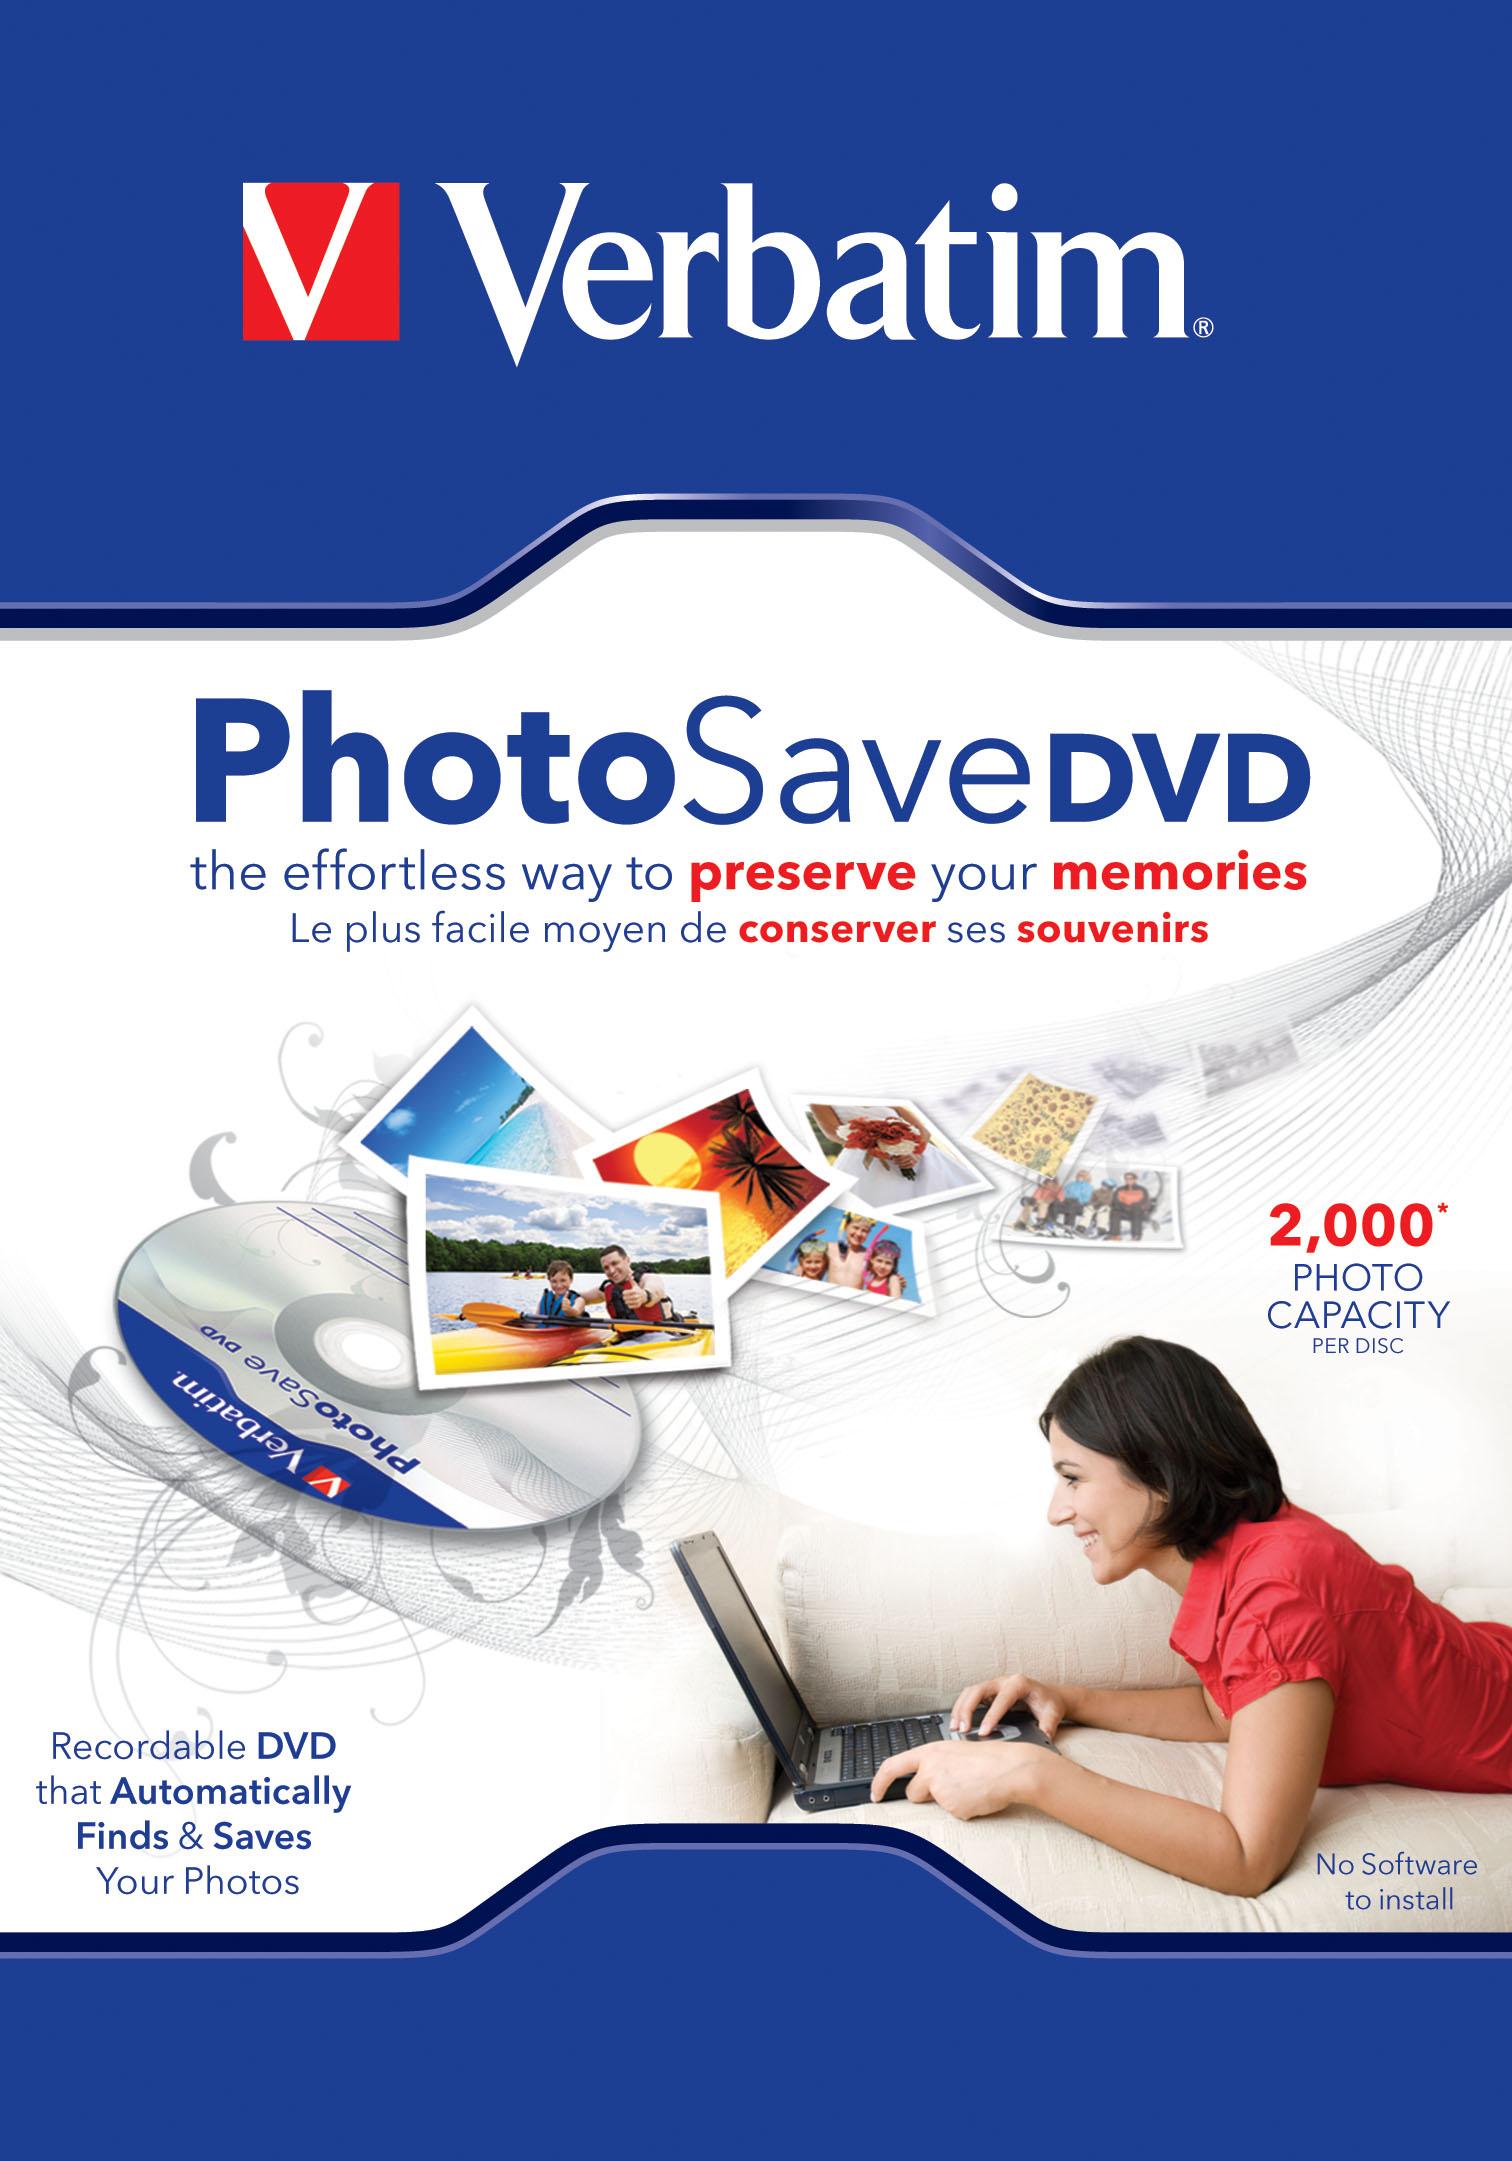 Verbatim: arhiviranje fotografija u tri klika